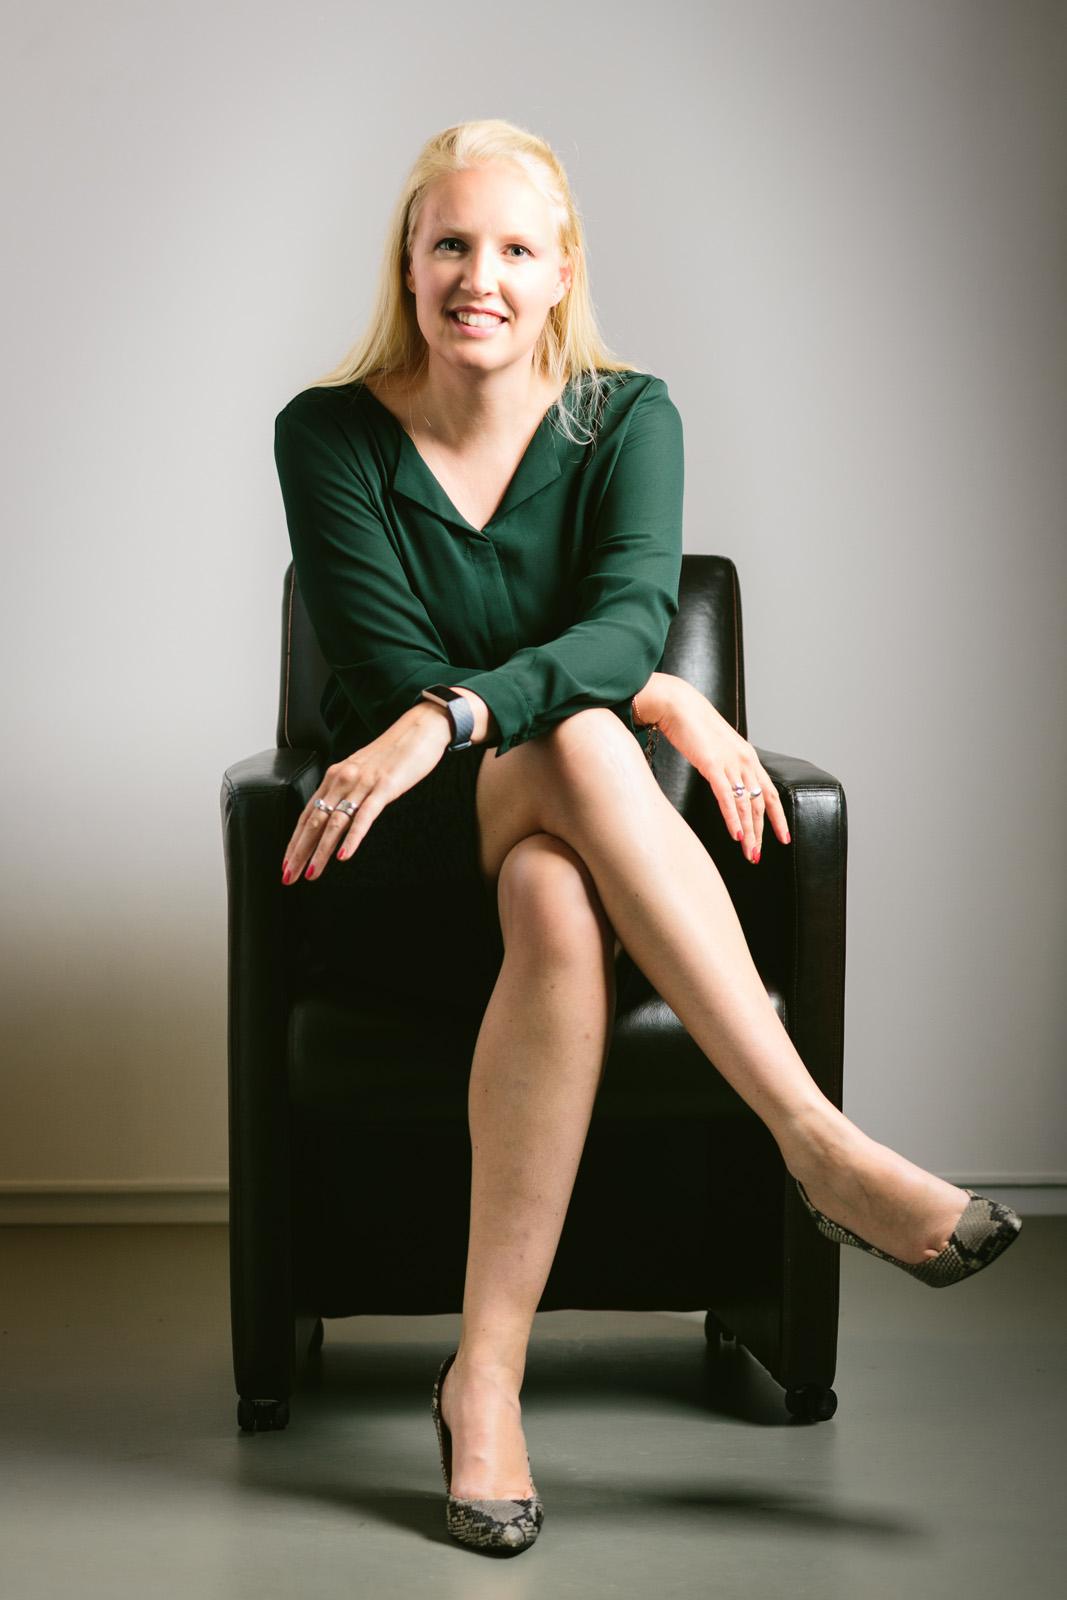 Susan Braakman